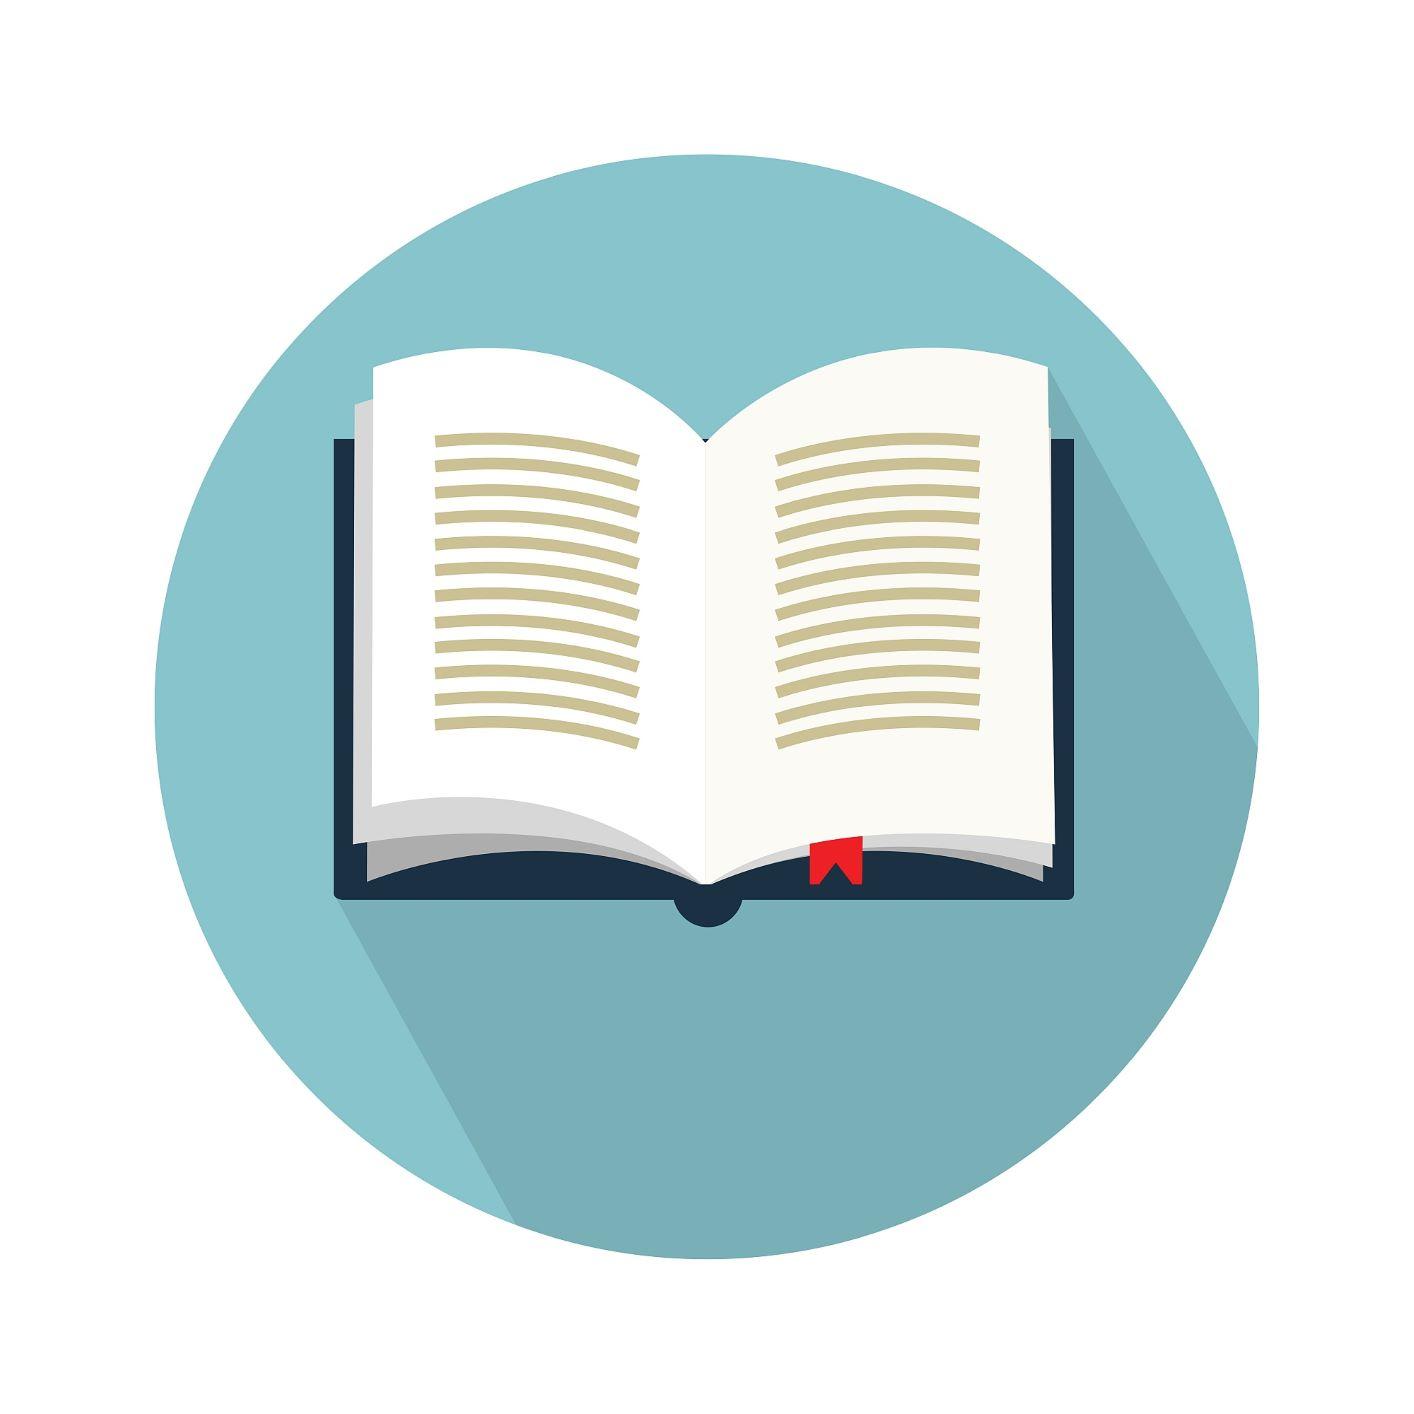 Magnet 2 Książka ćwiczeń Język niemiecki